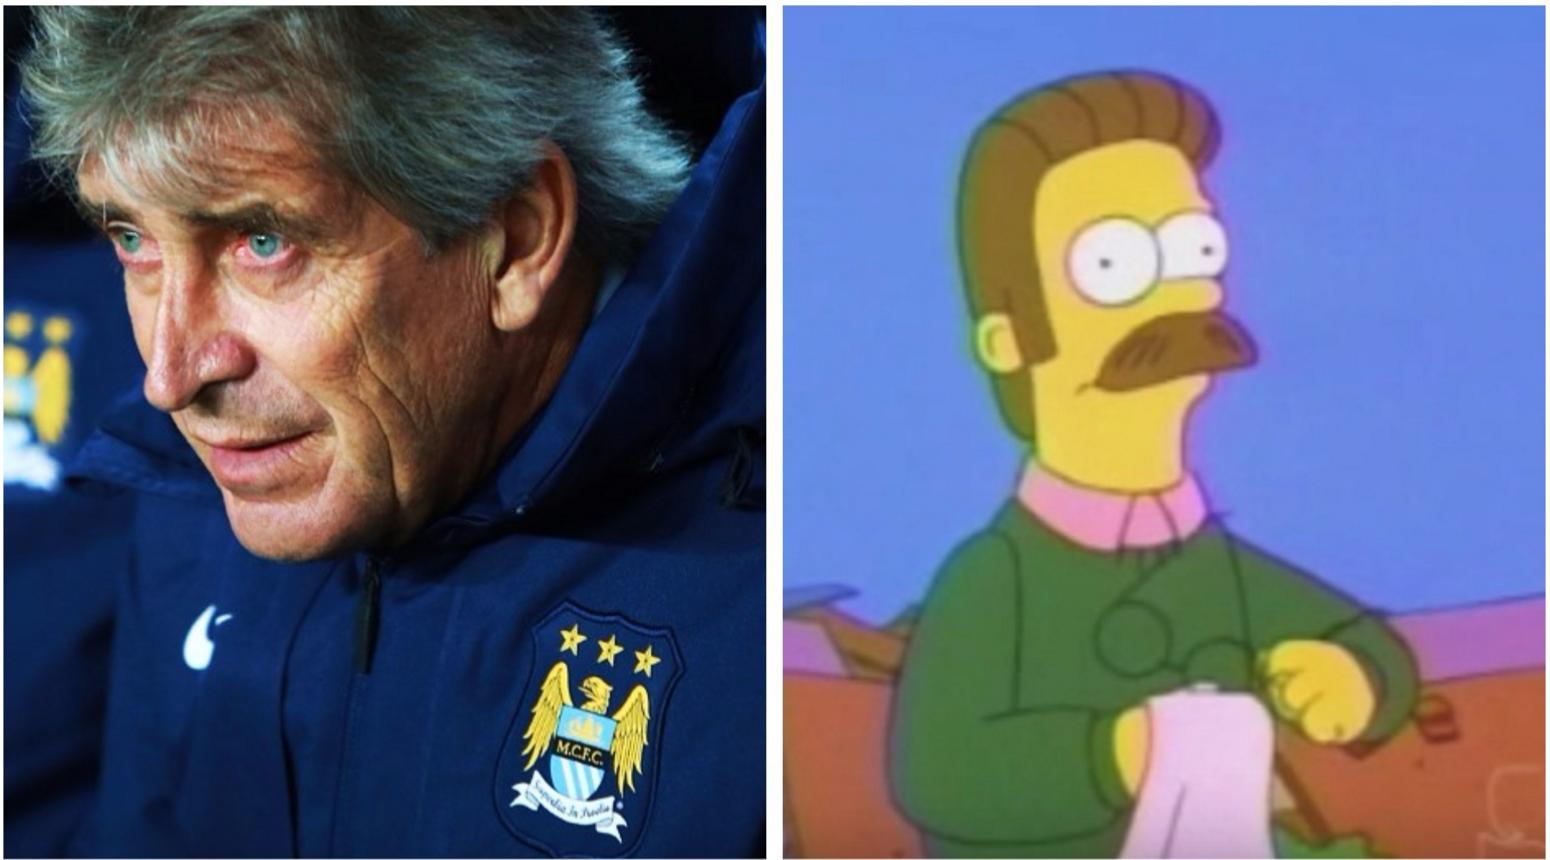 Flanders and pelligrini